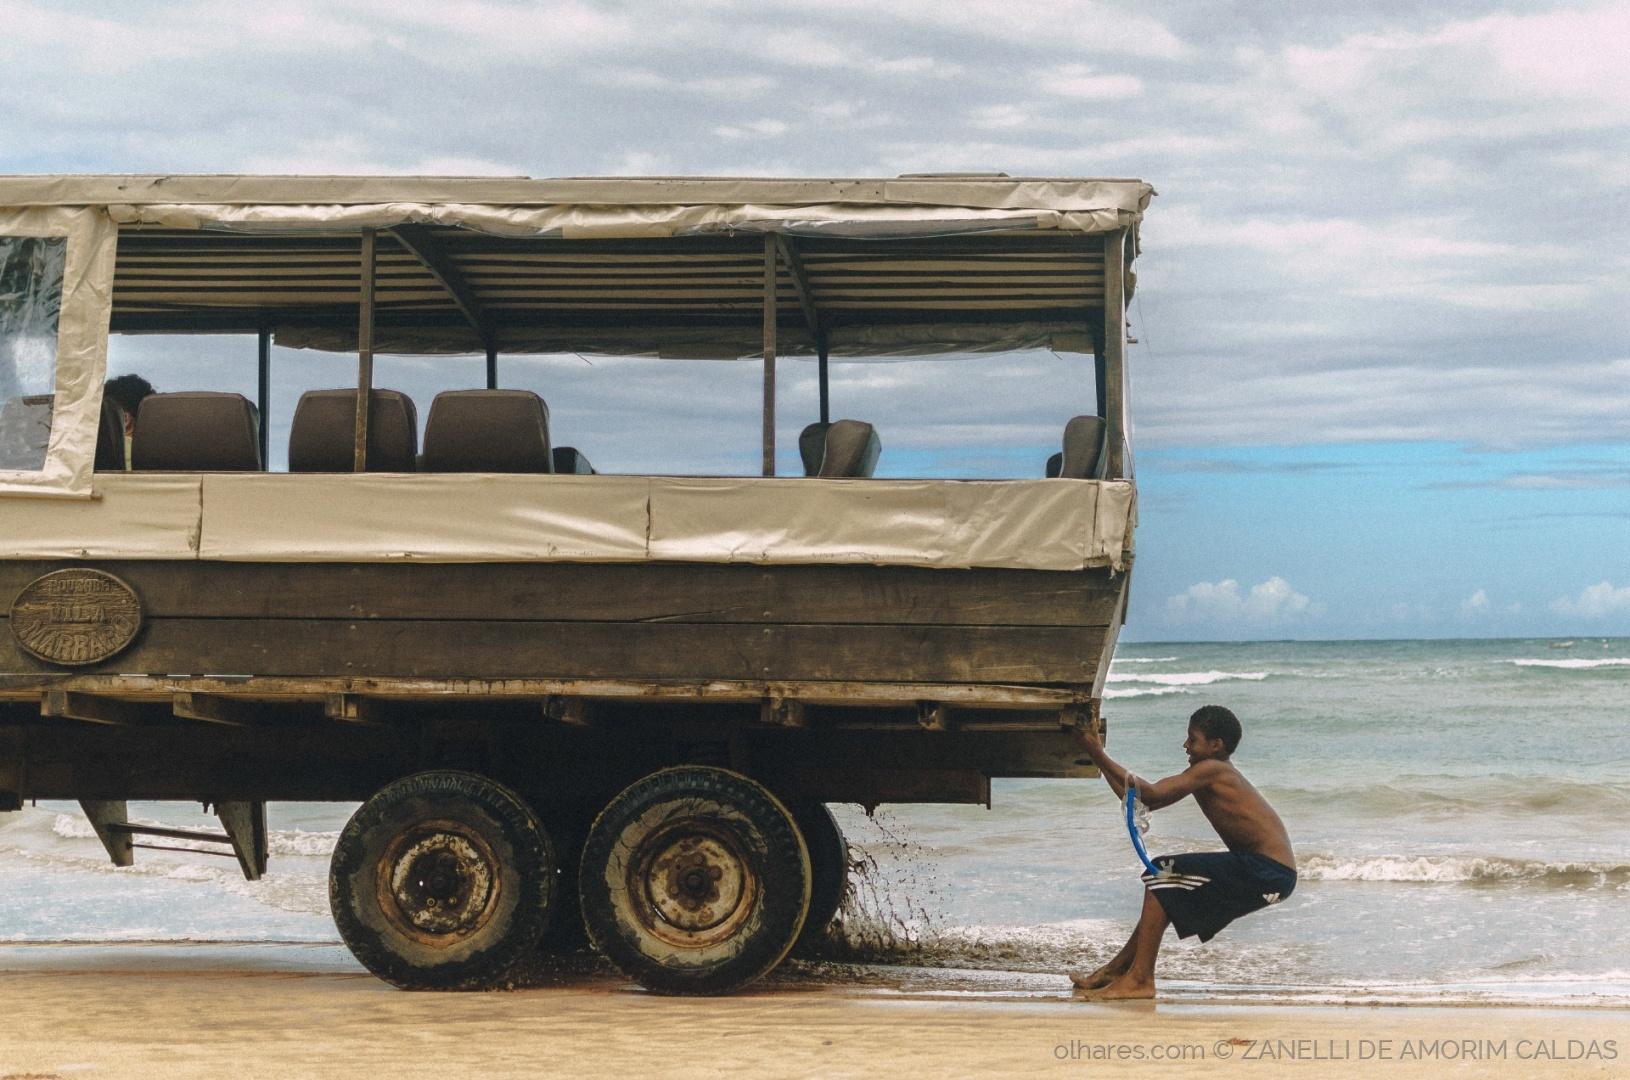 Fotojornalismo/Trucksurfer